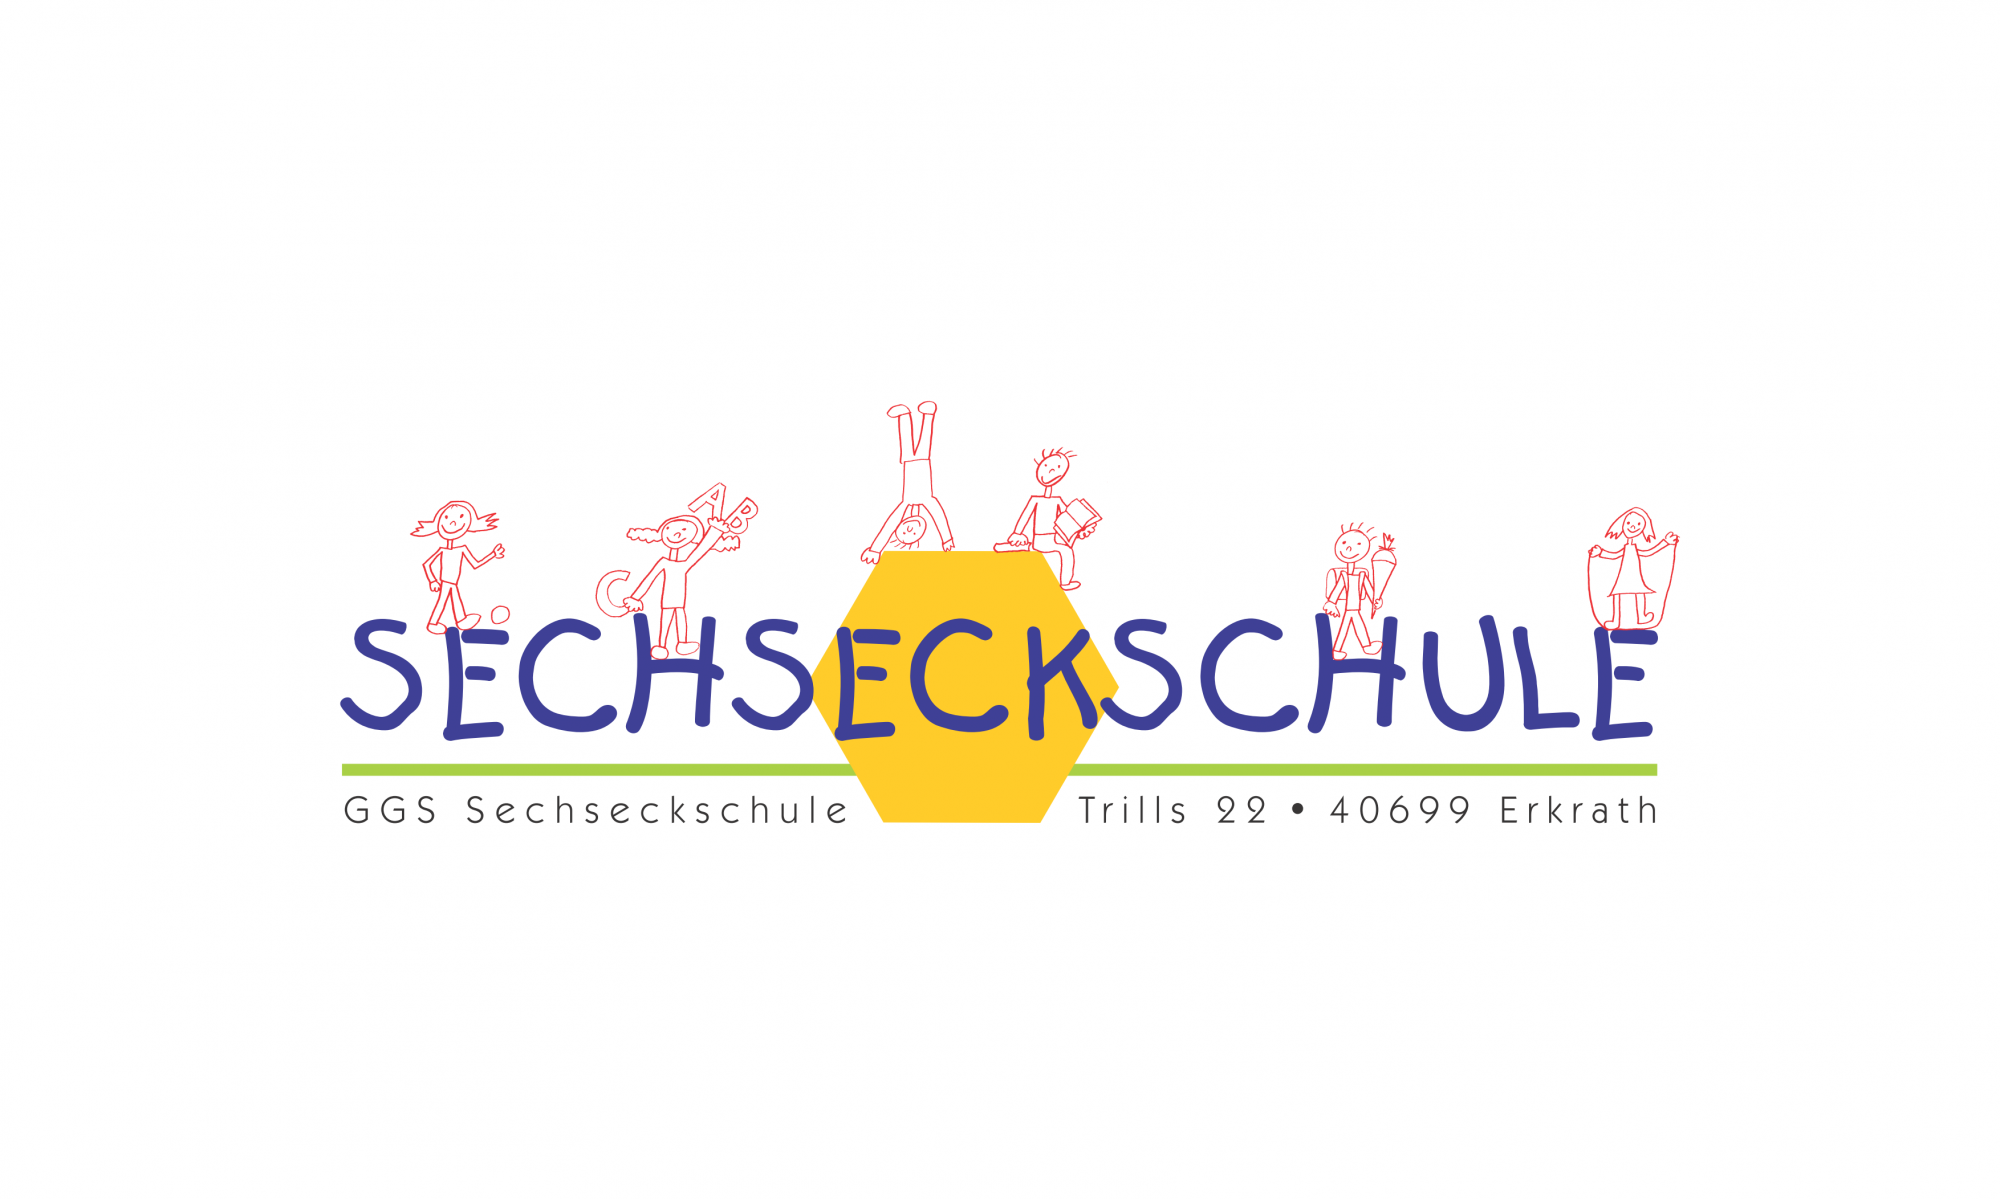 Sechseckschule